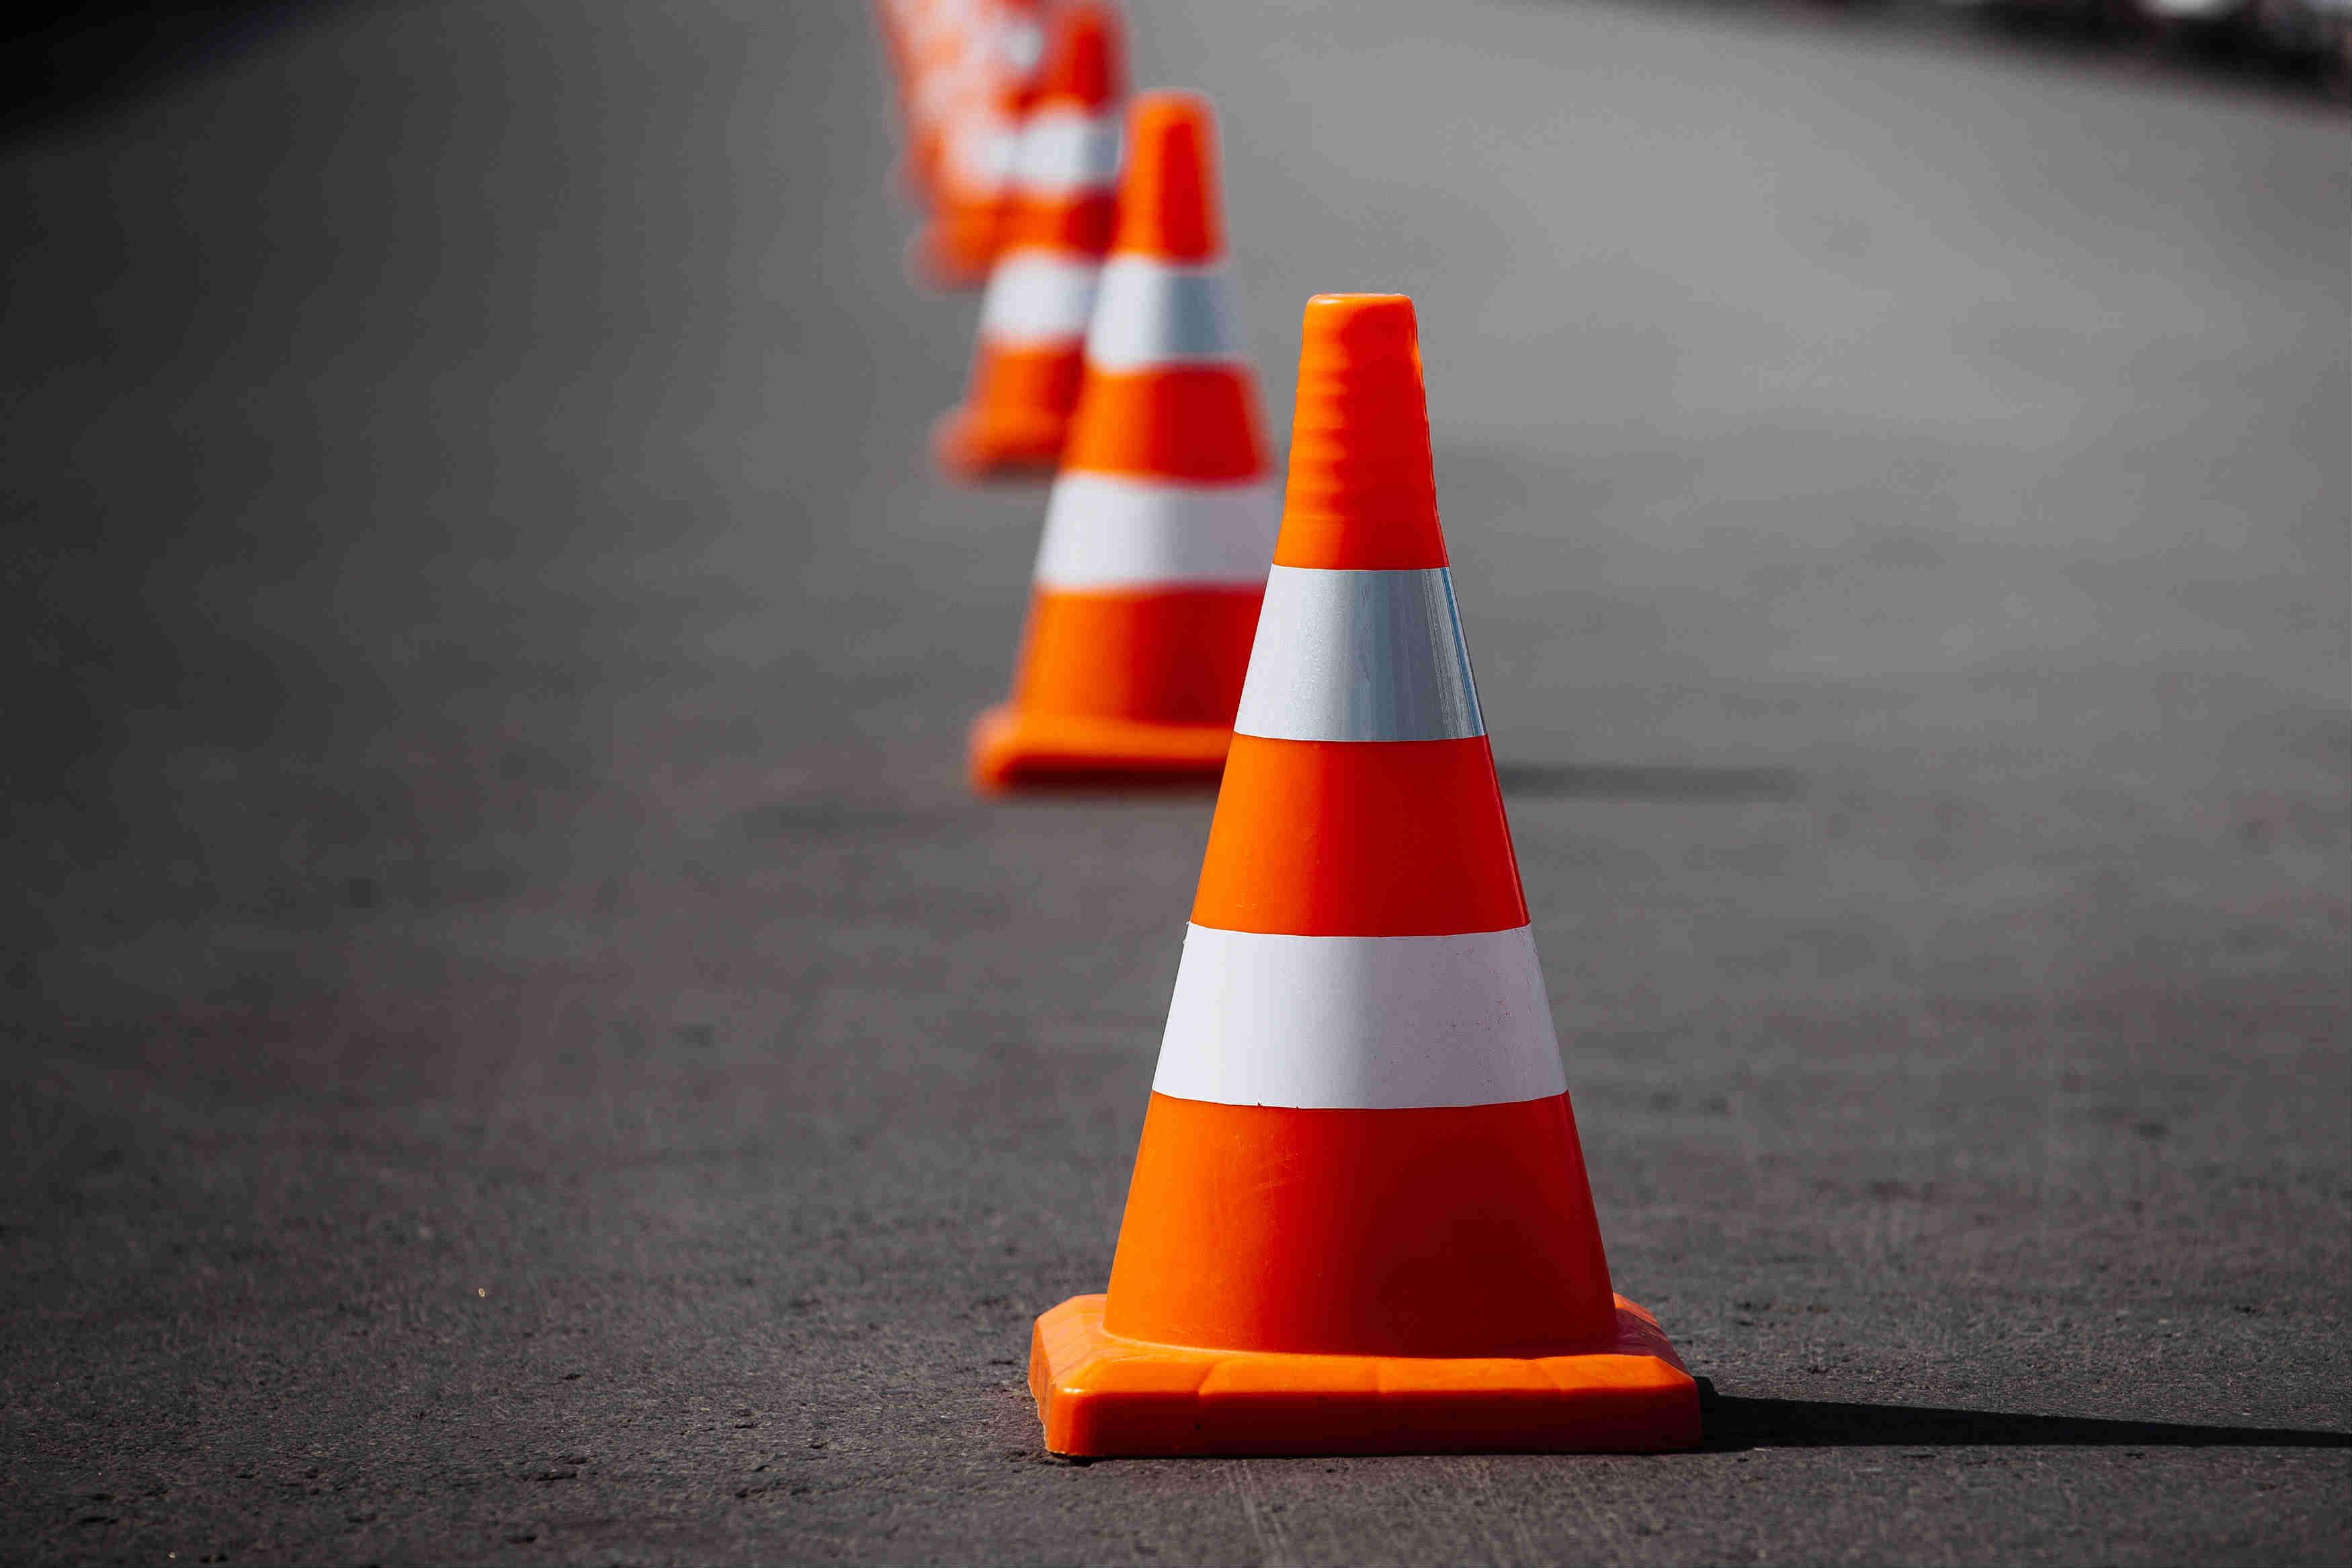 rijschool goossens tongeren veiligheid op de weg